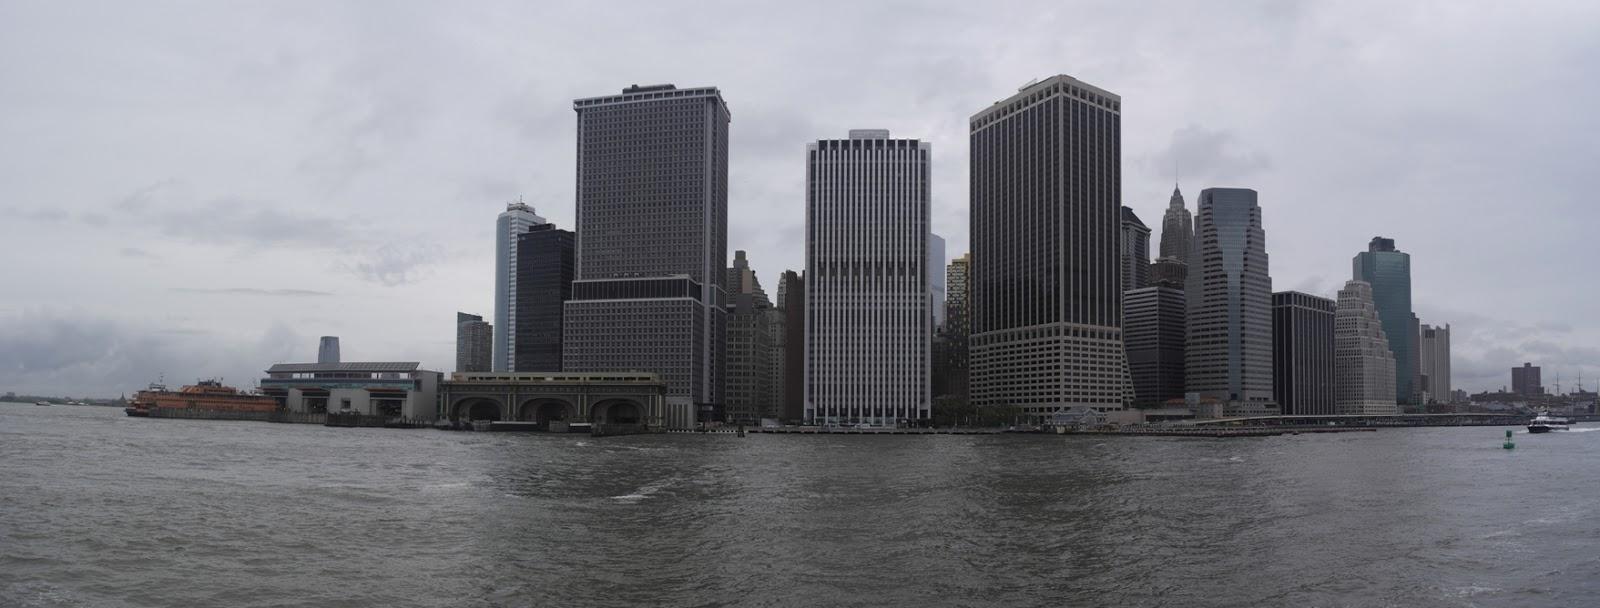 Where is Danny JEP?: LA ESTATUA DE LA LIBERTAD: LA DAMA DE NEW YORK